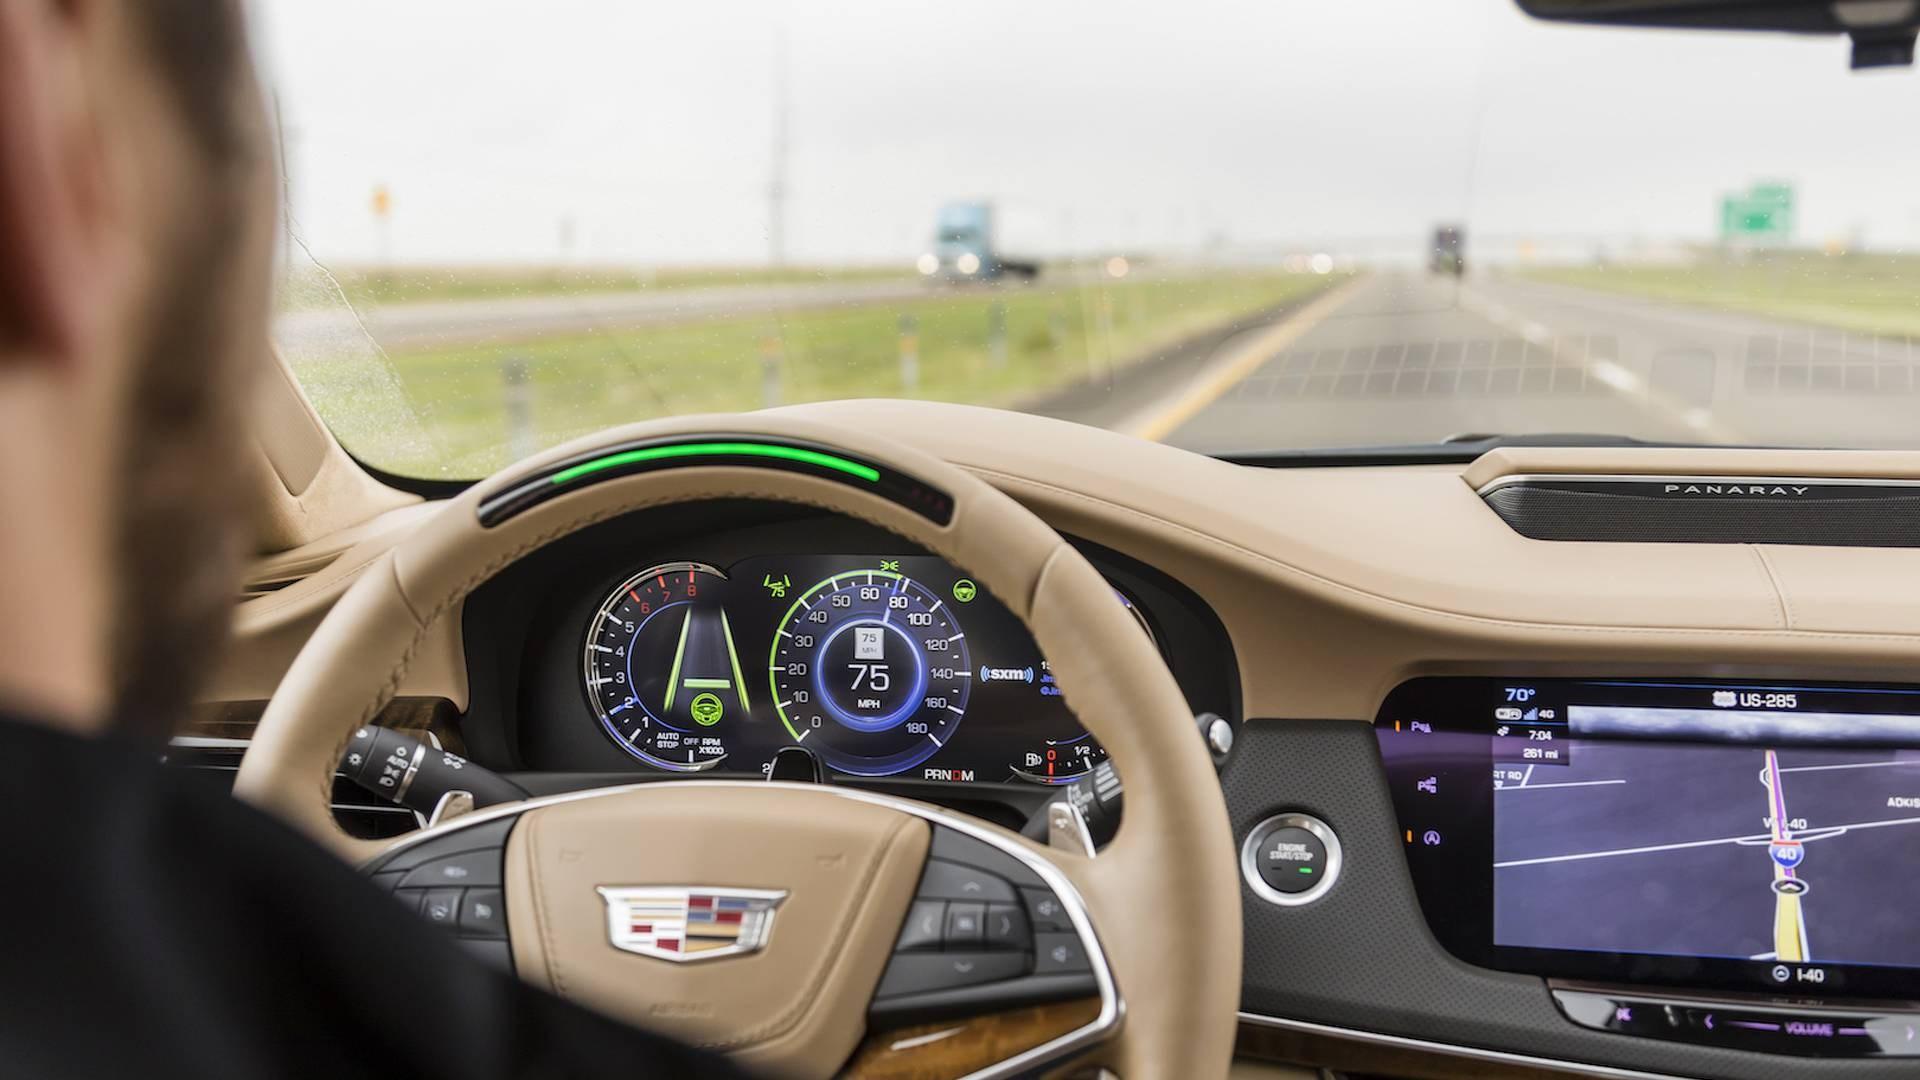 凯迪拉克CT6将推出小改款车型 搭载自动驾驶辅助系统